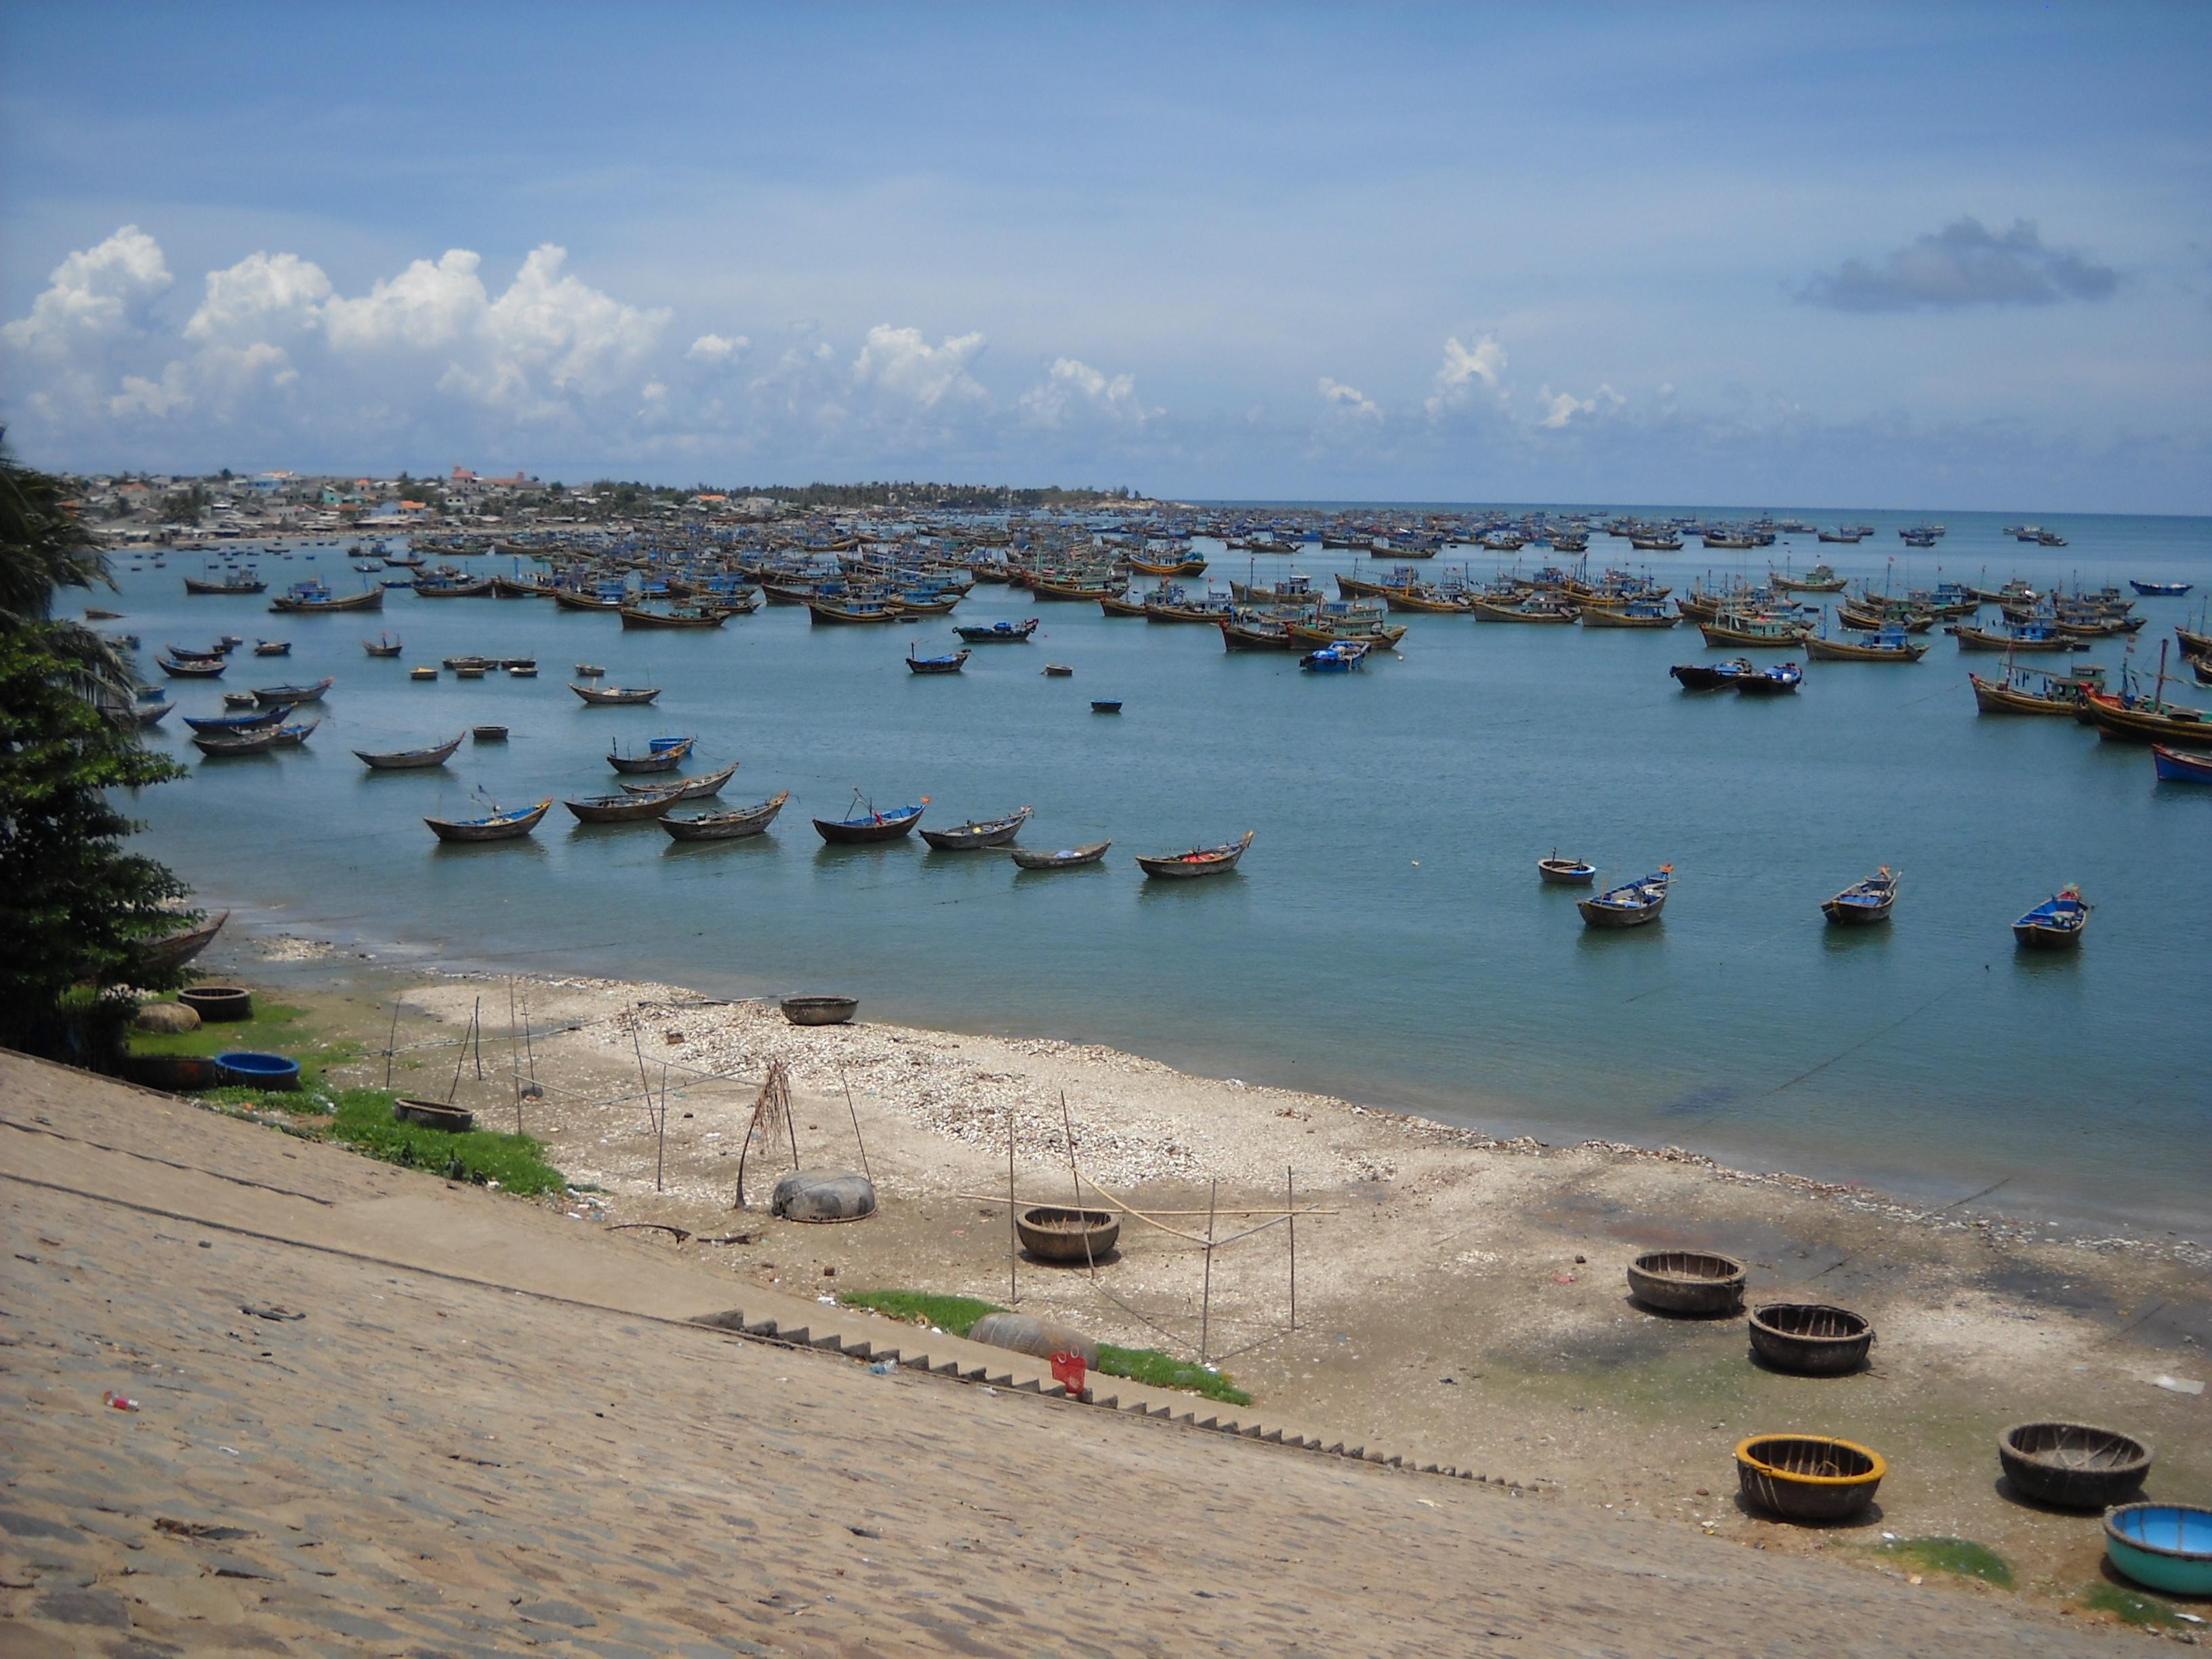 Bán nhớt BP Vistra giá rẻ tại Bình Thuận